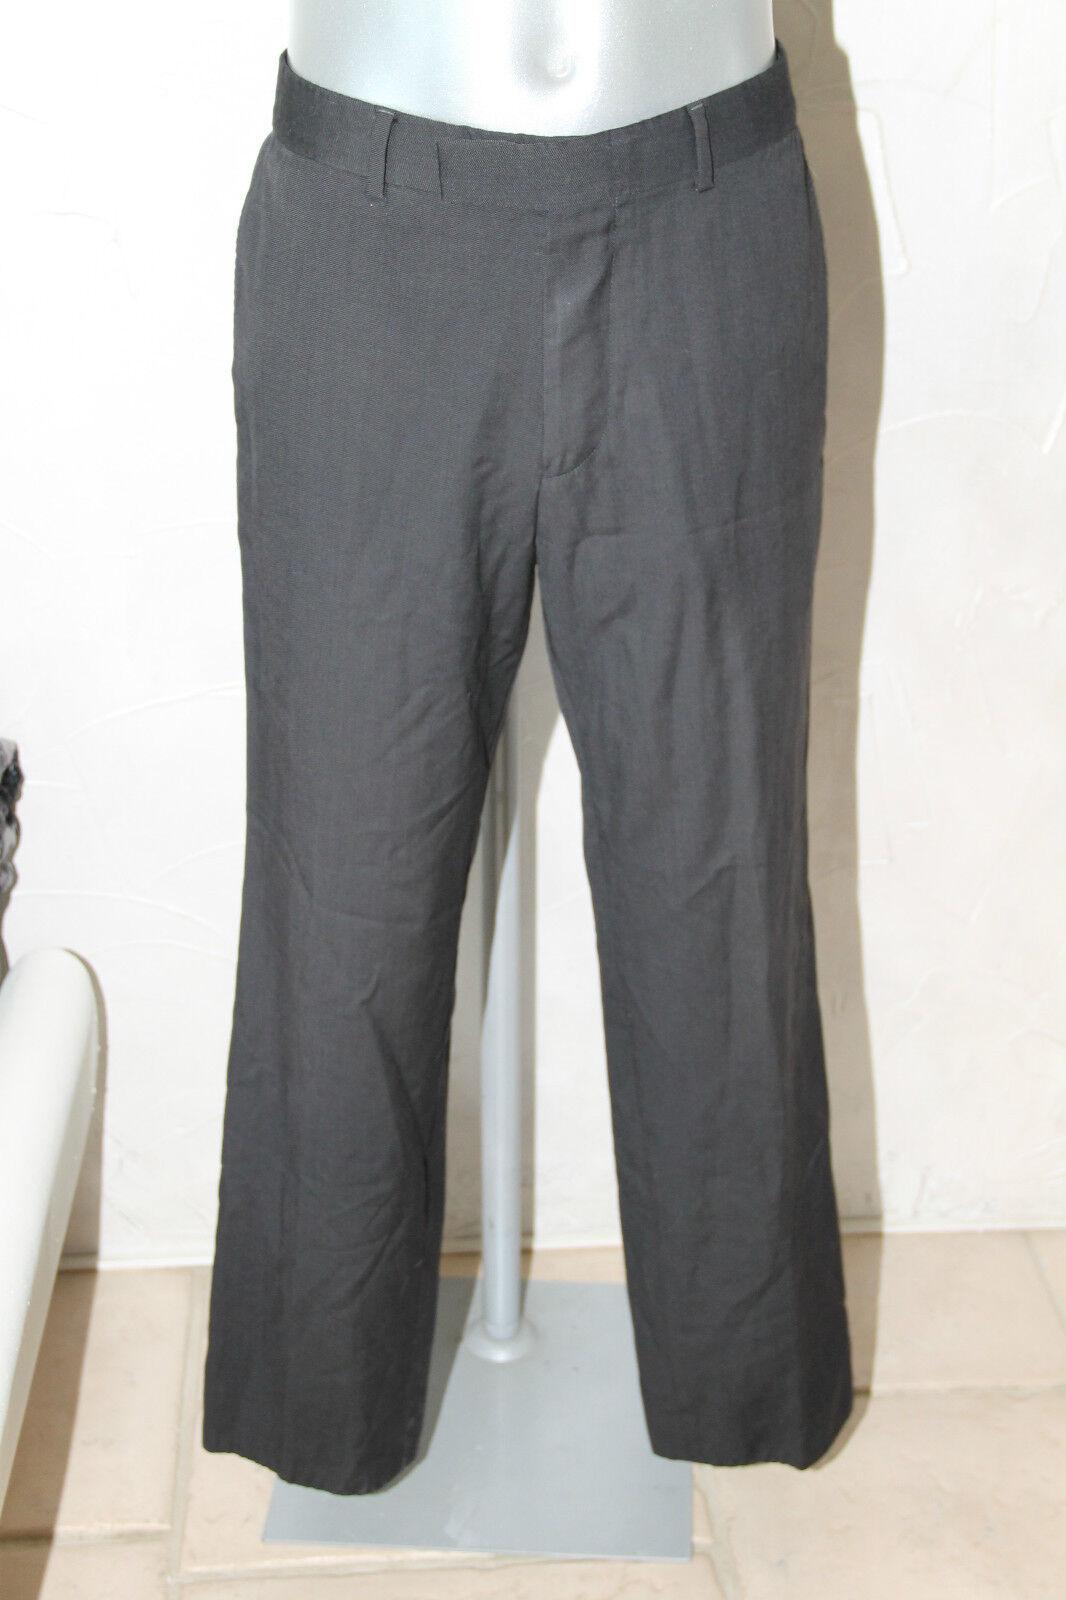 Trousers suit wool Grau HUGO BOSS rossellin/movie Größe 42-44 (GRAMS 50)